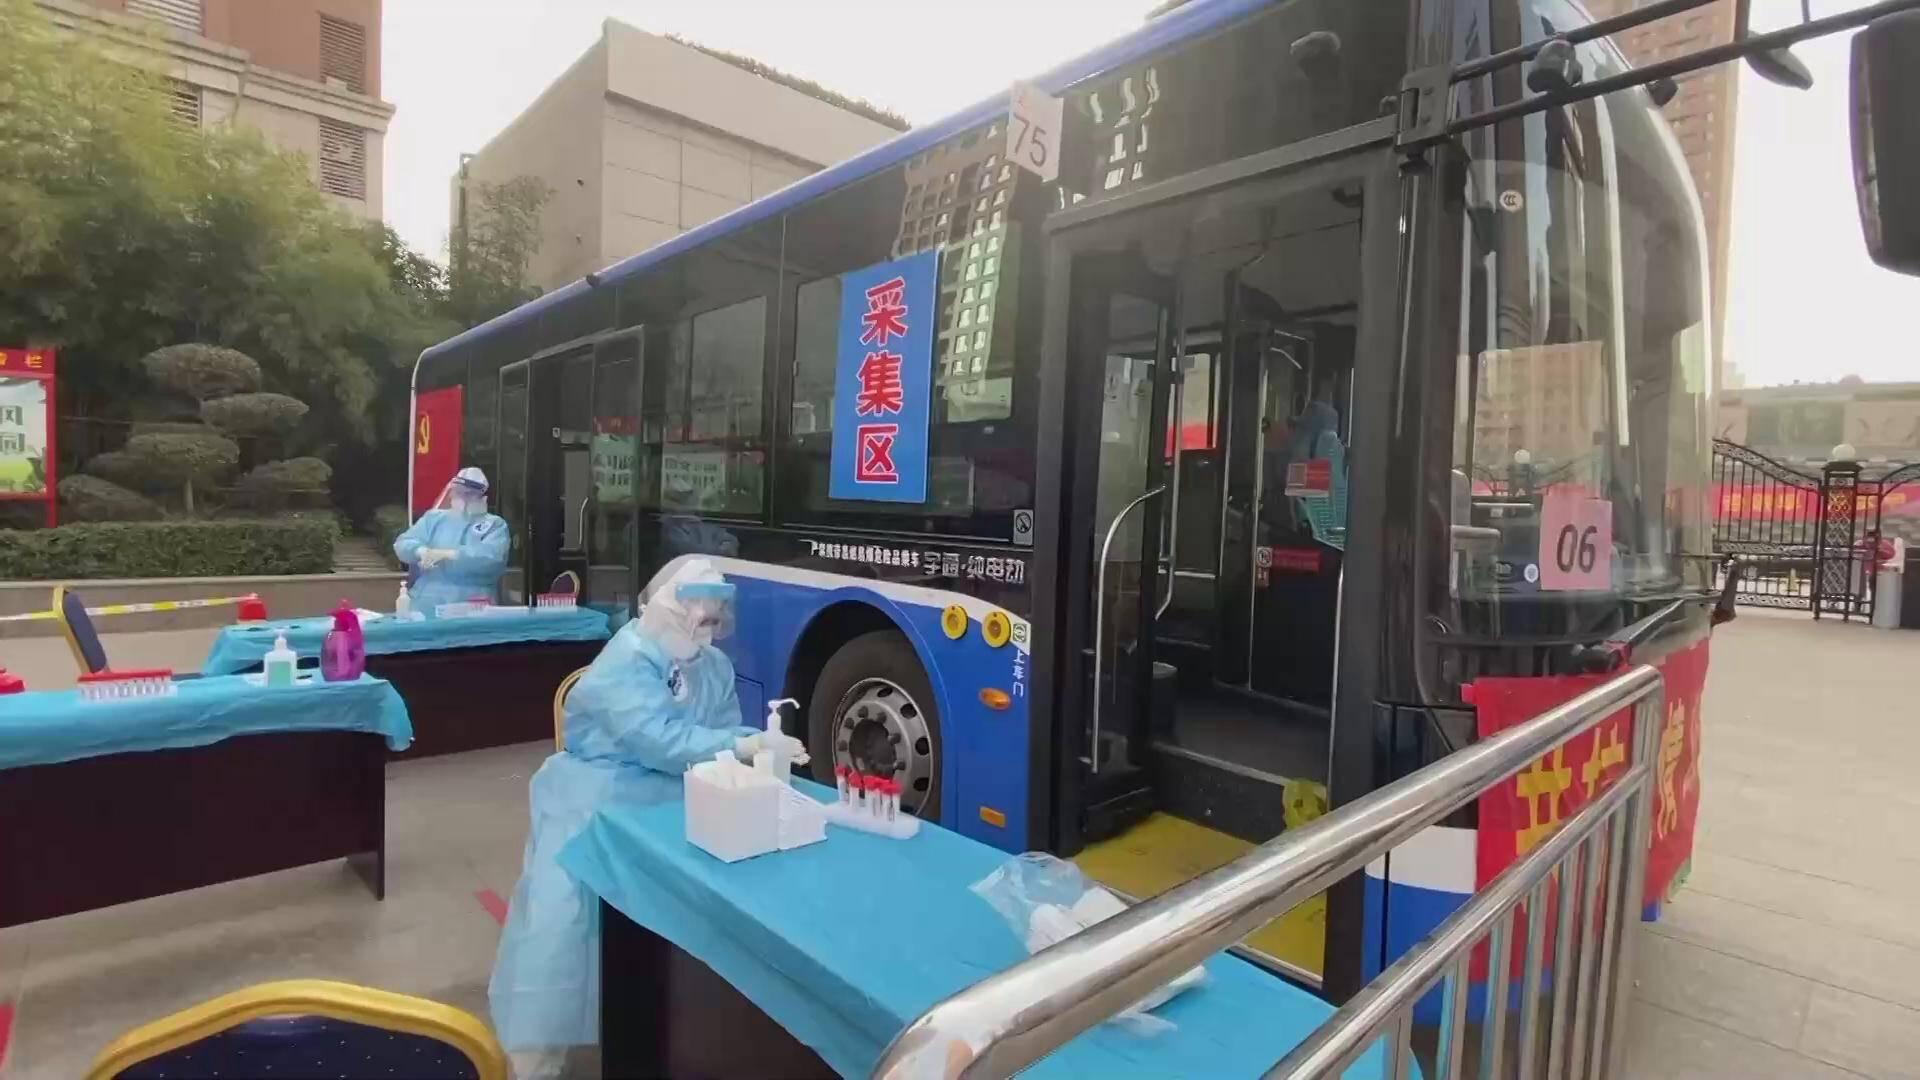 116秒丨石家庄启动第二轮全员核检 600余辆公交车成流动采样点